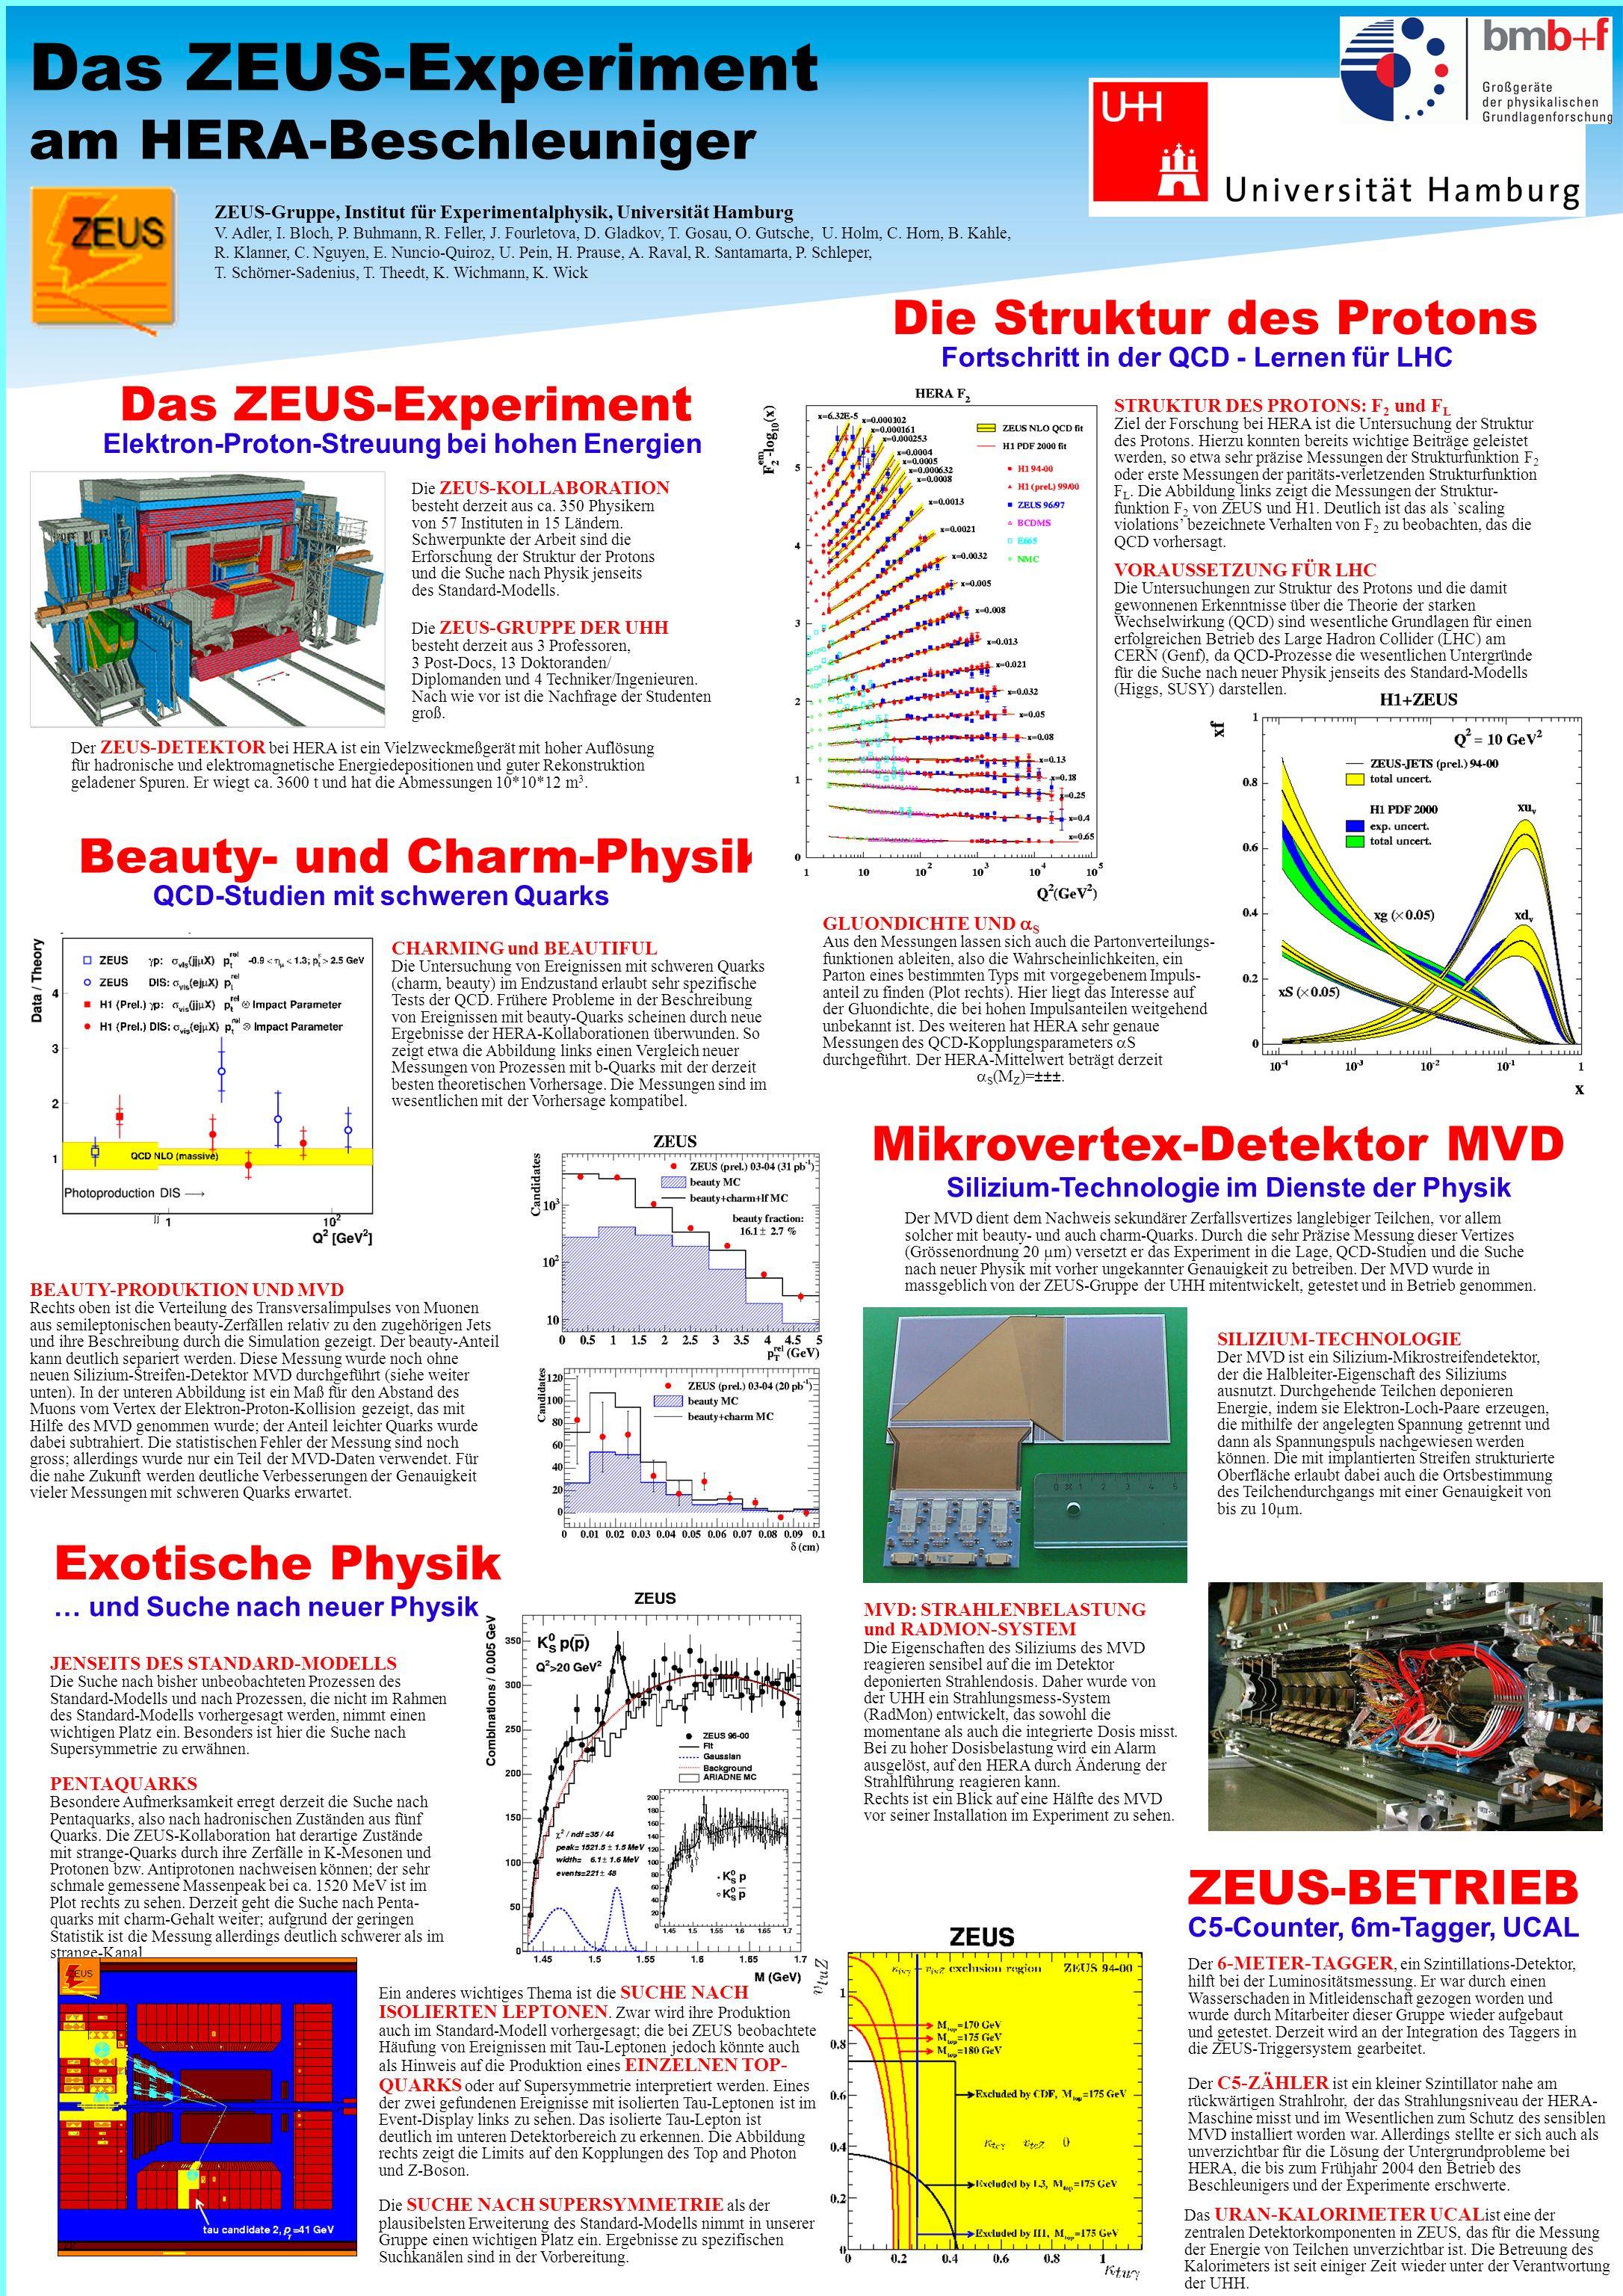 Das ZEUS-Experiment am HERA-Beschleuniger Das ZEUS-Experiment Elektron-Proton-Streuung bei hohen Energien Die ZEUS-KOLLABORATION besteht derzeit aus ca.